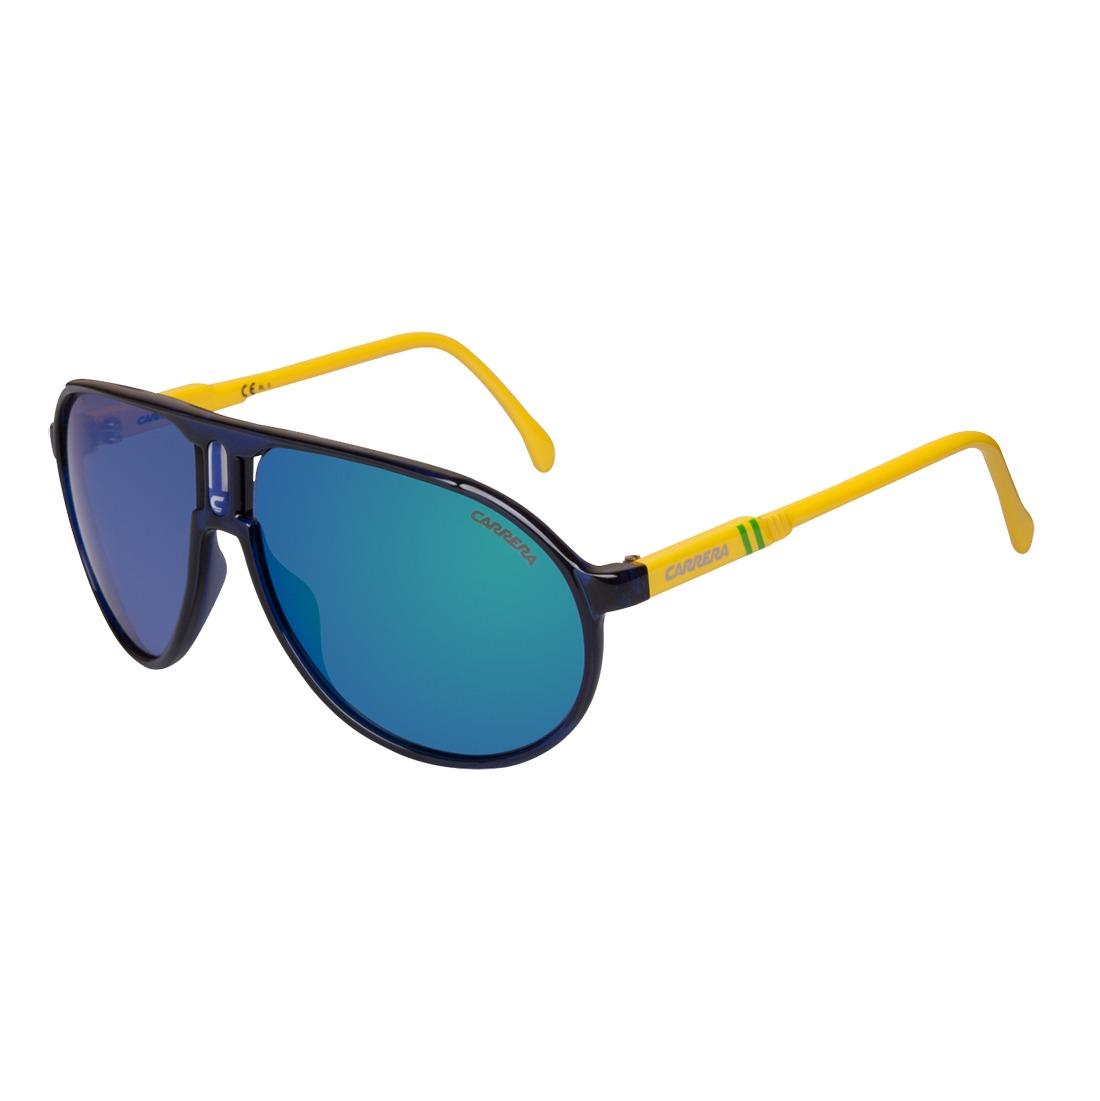 6d1030f2cd9a6 Carrera Champion Óculos De Sol - R  573